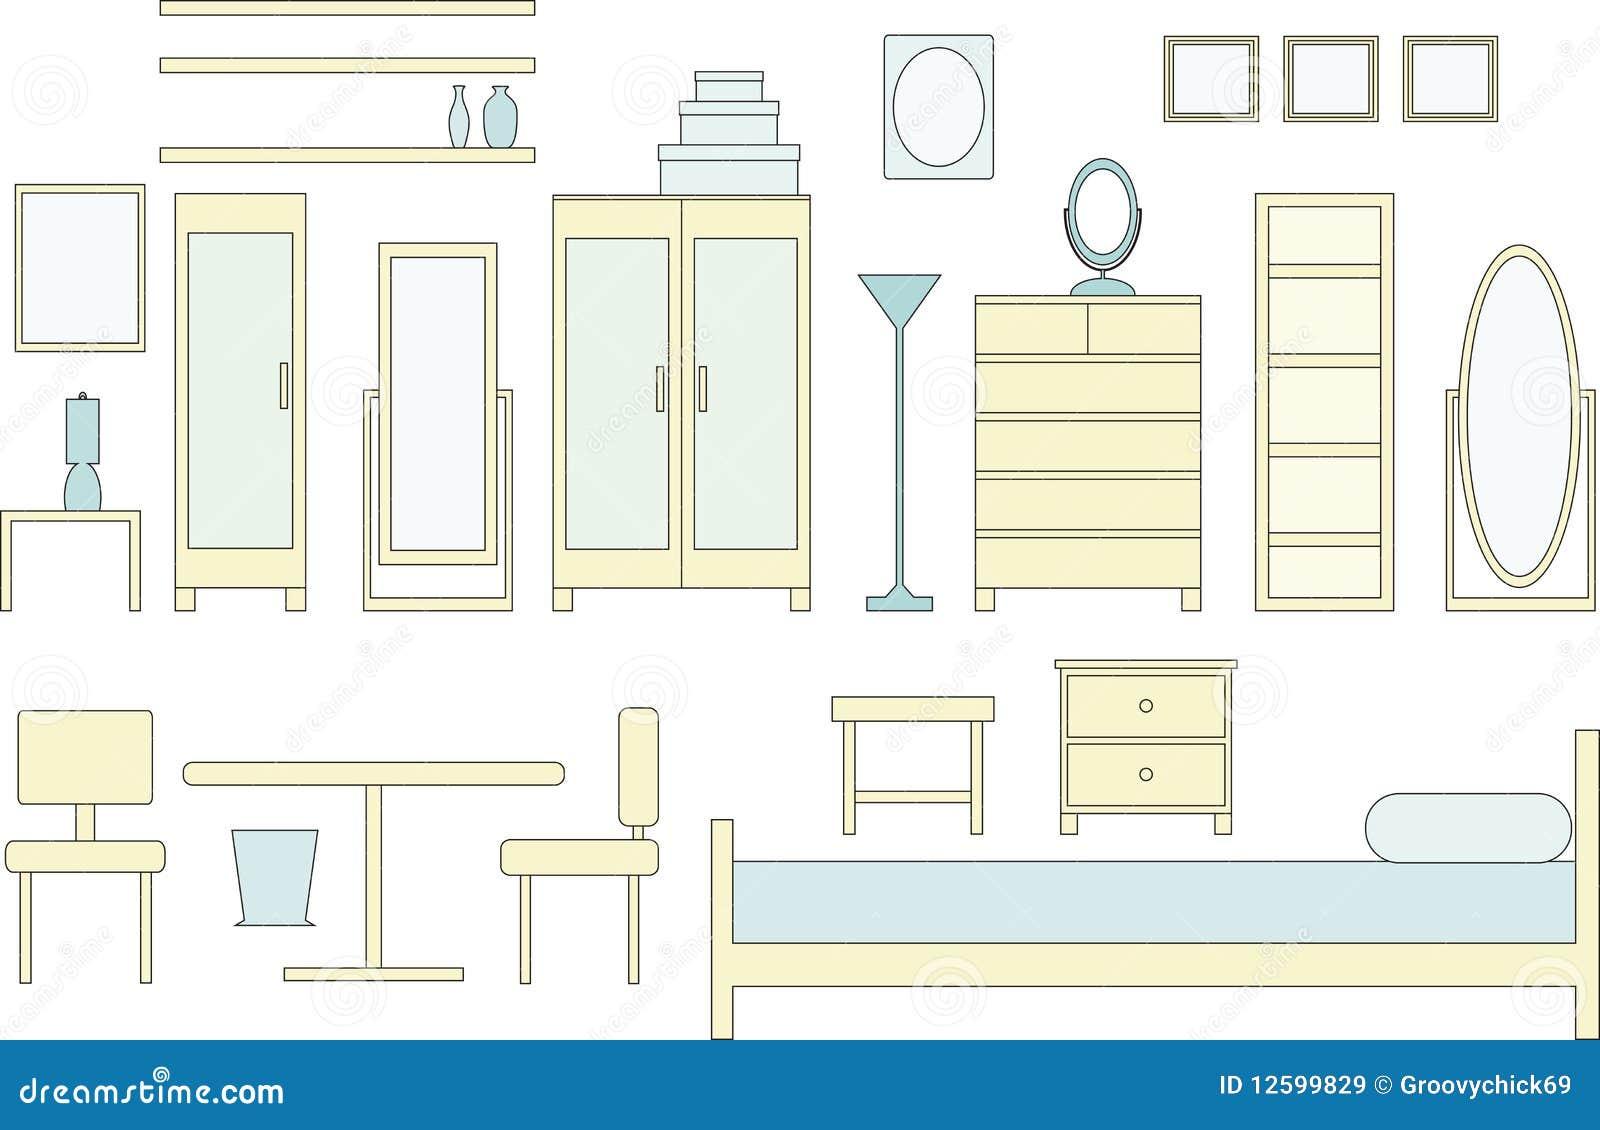 schlafzimmer-möbel lizenzfreie stockbilder - bild: 12599829, Schlafzimmer entwurf